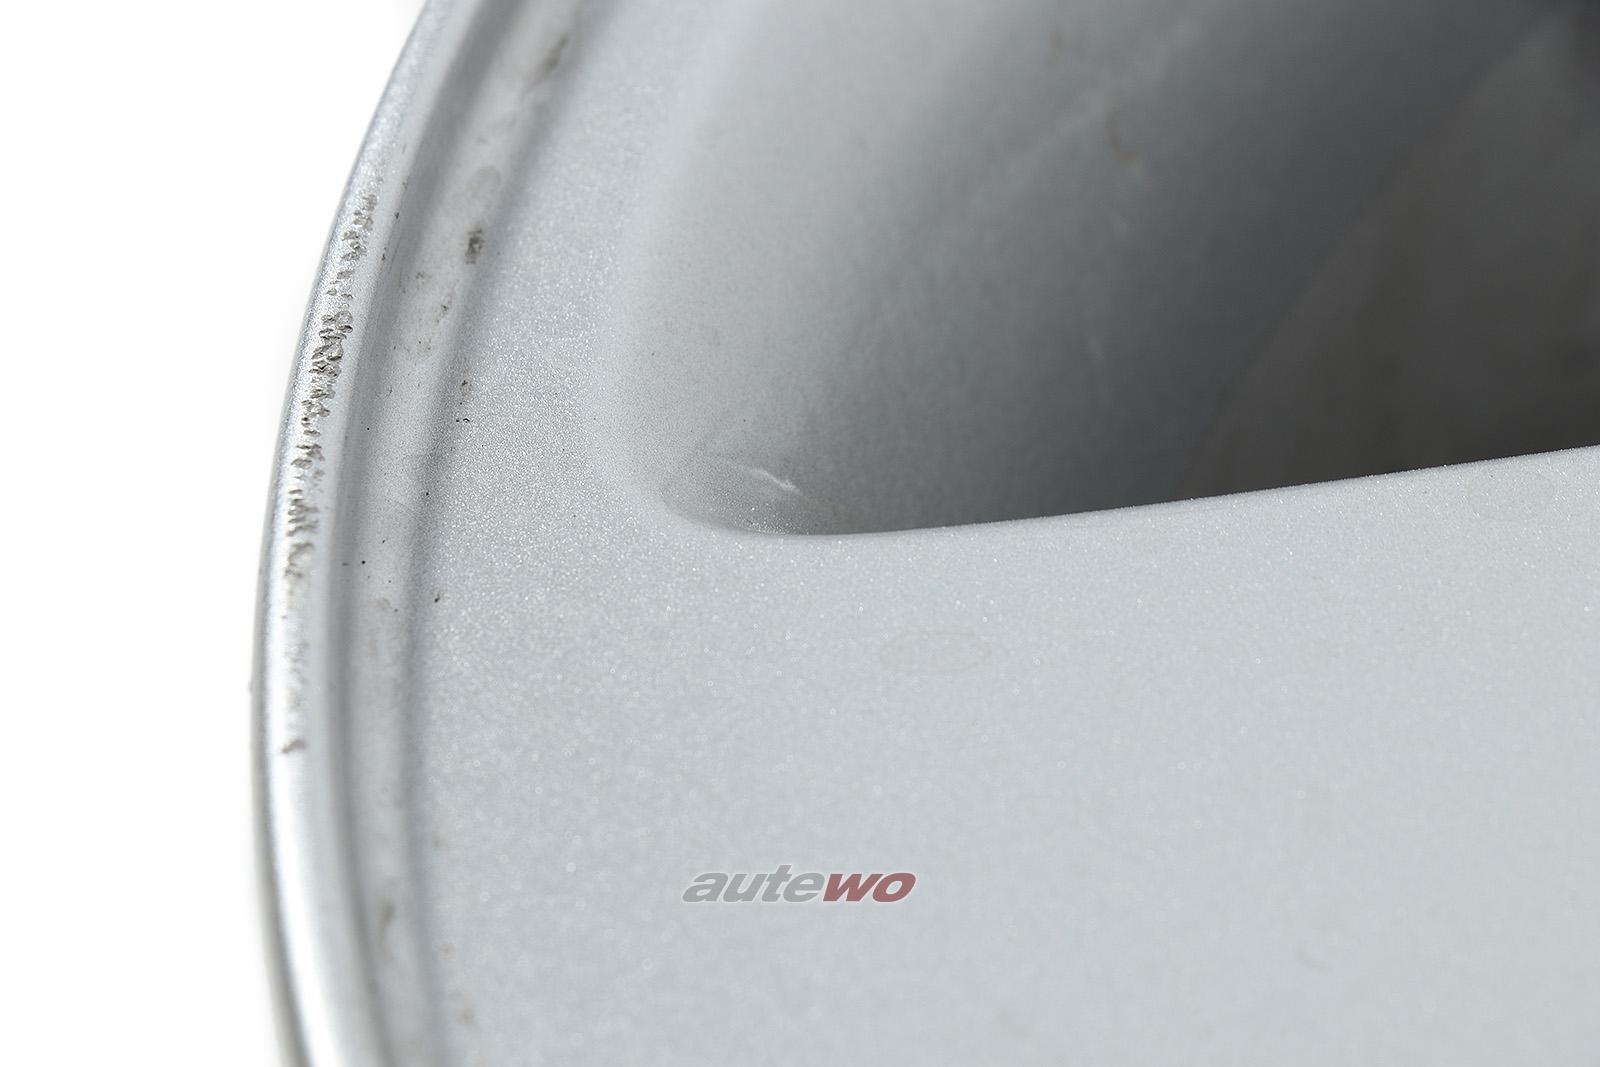 8D0601025C Audi A4 B5/A6 C4/4B 5-Speichen-Alufelge 7x16 ET45 5x112